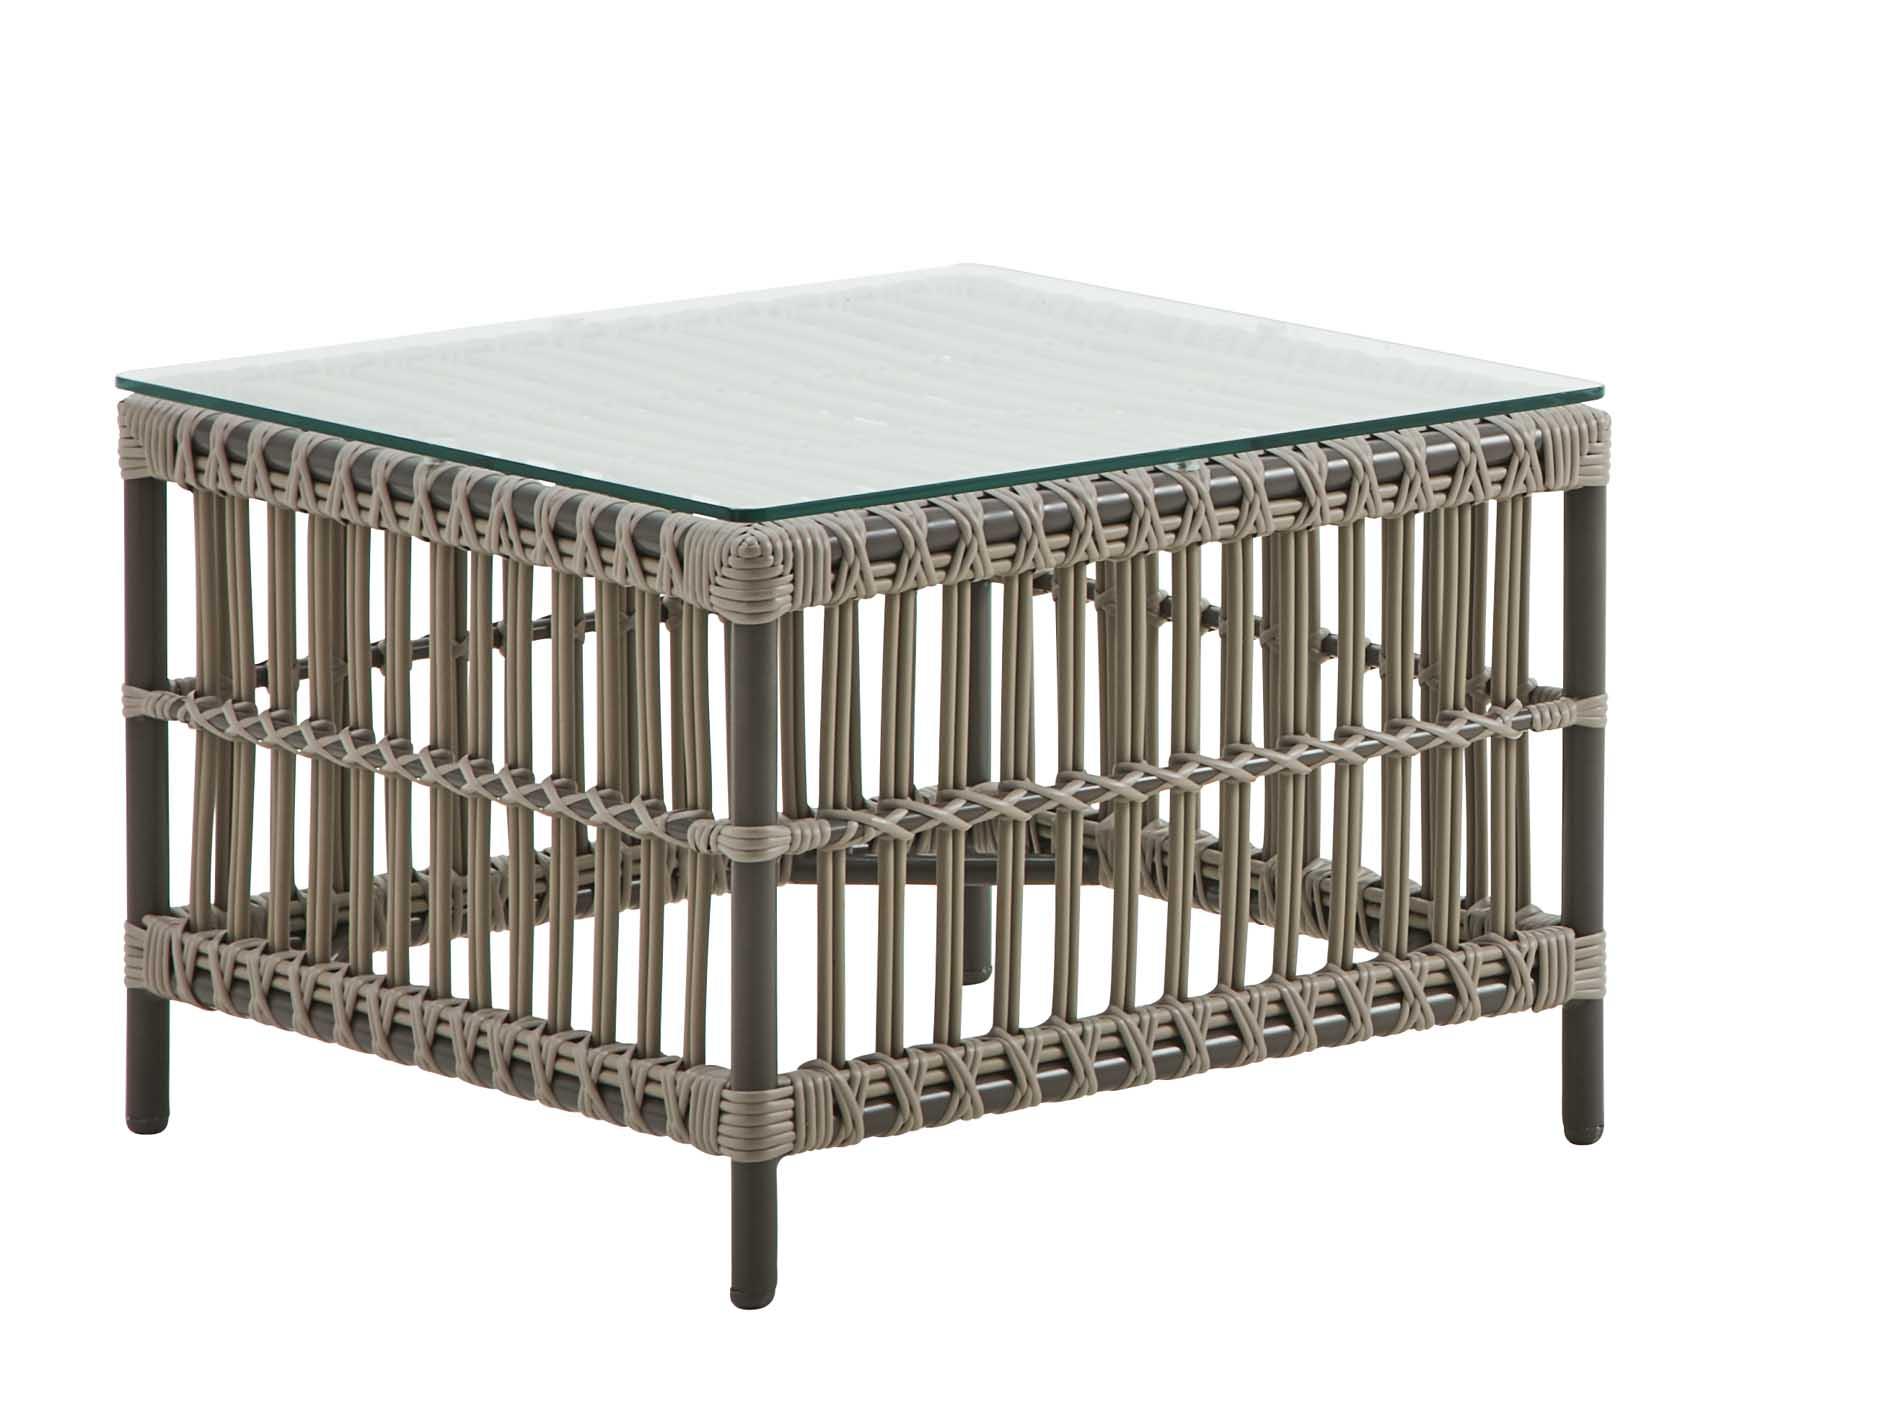 Table basse carrée en alu et fibre synthétique moccaccino